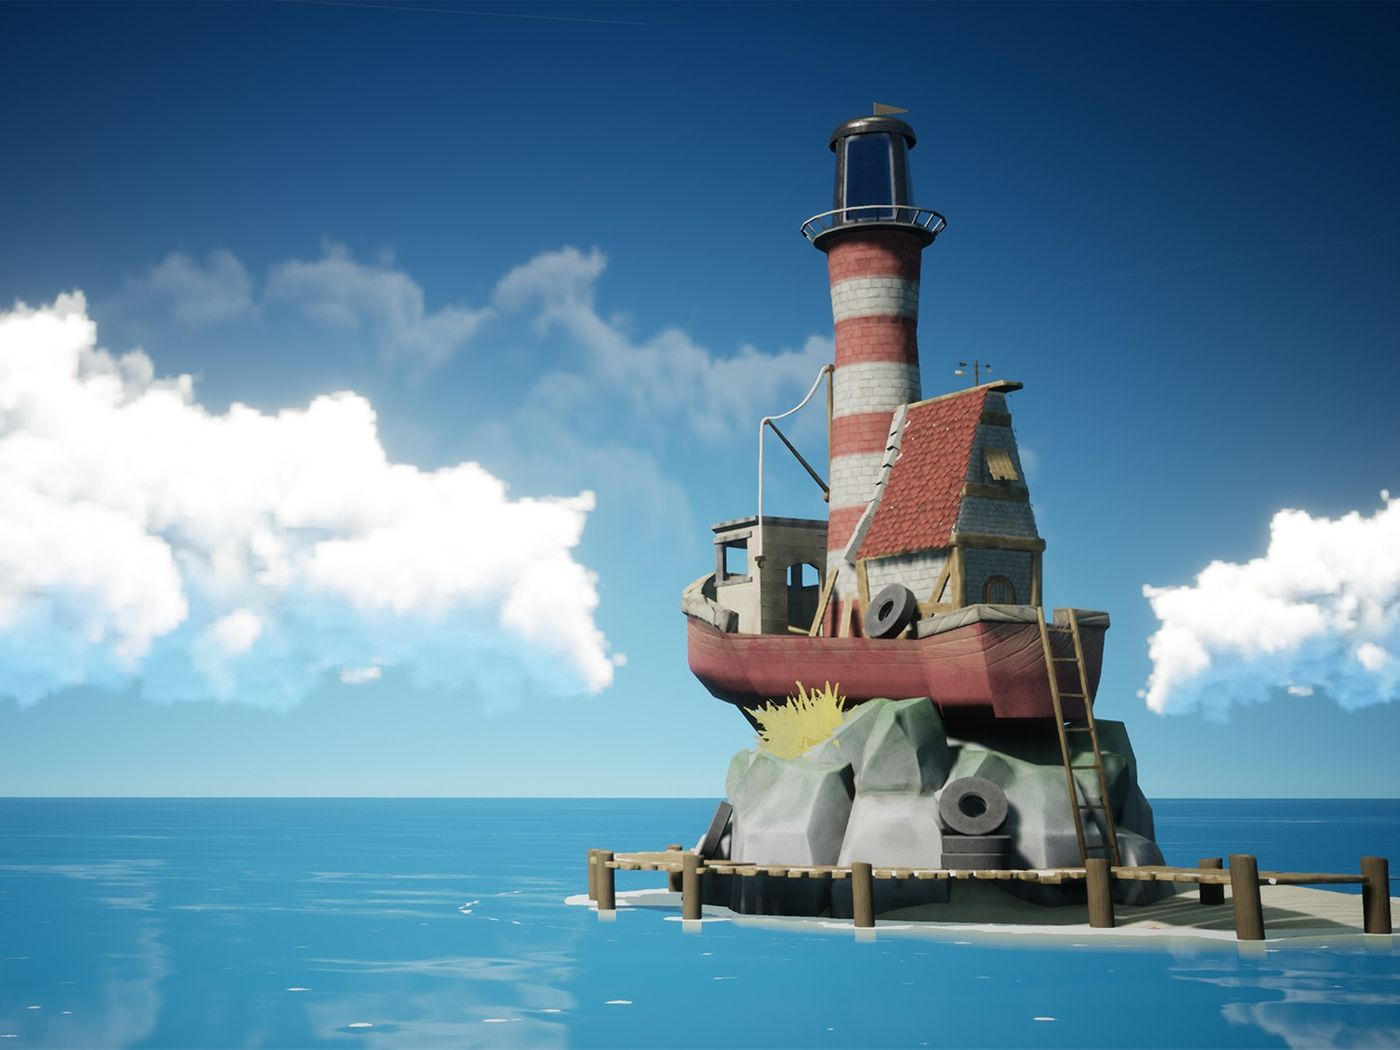 UE4 - Stylized Lighthouse